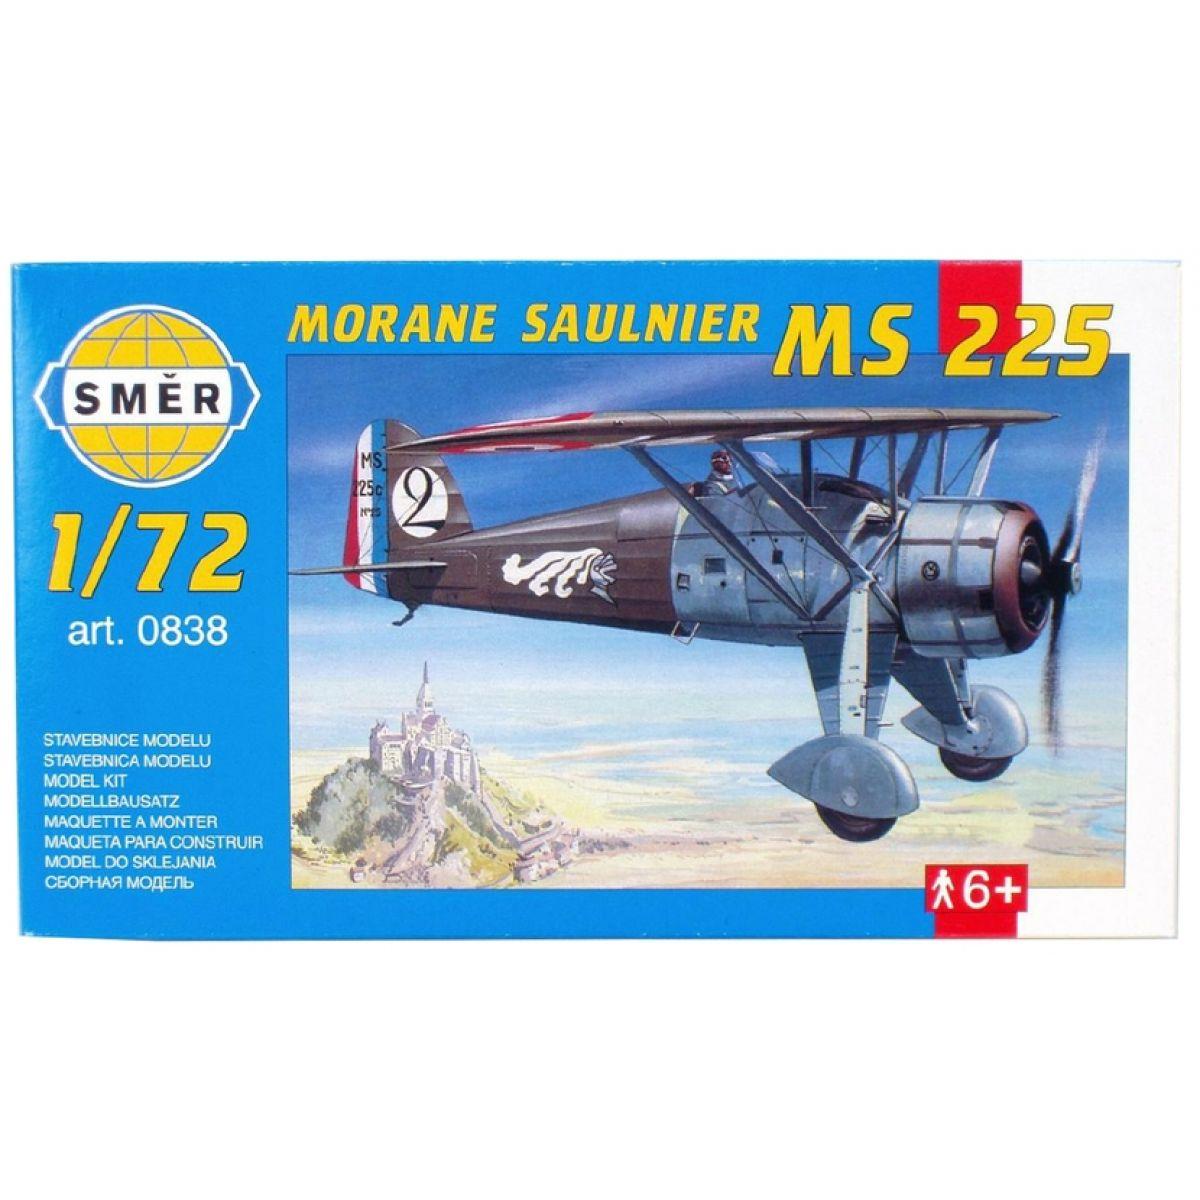 Smer Model Morane Saulnier MS 225